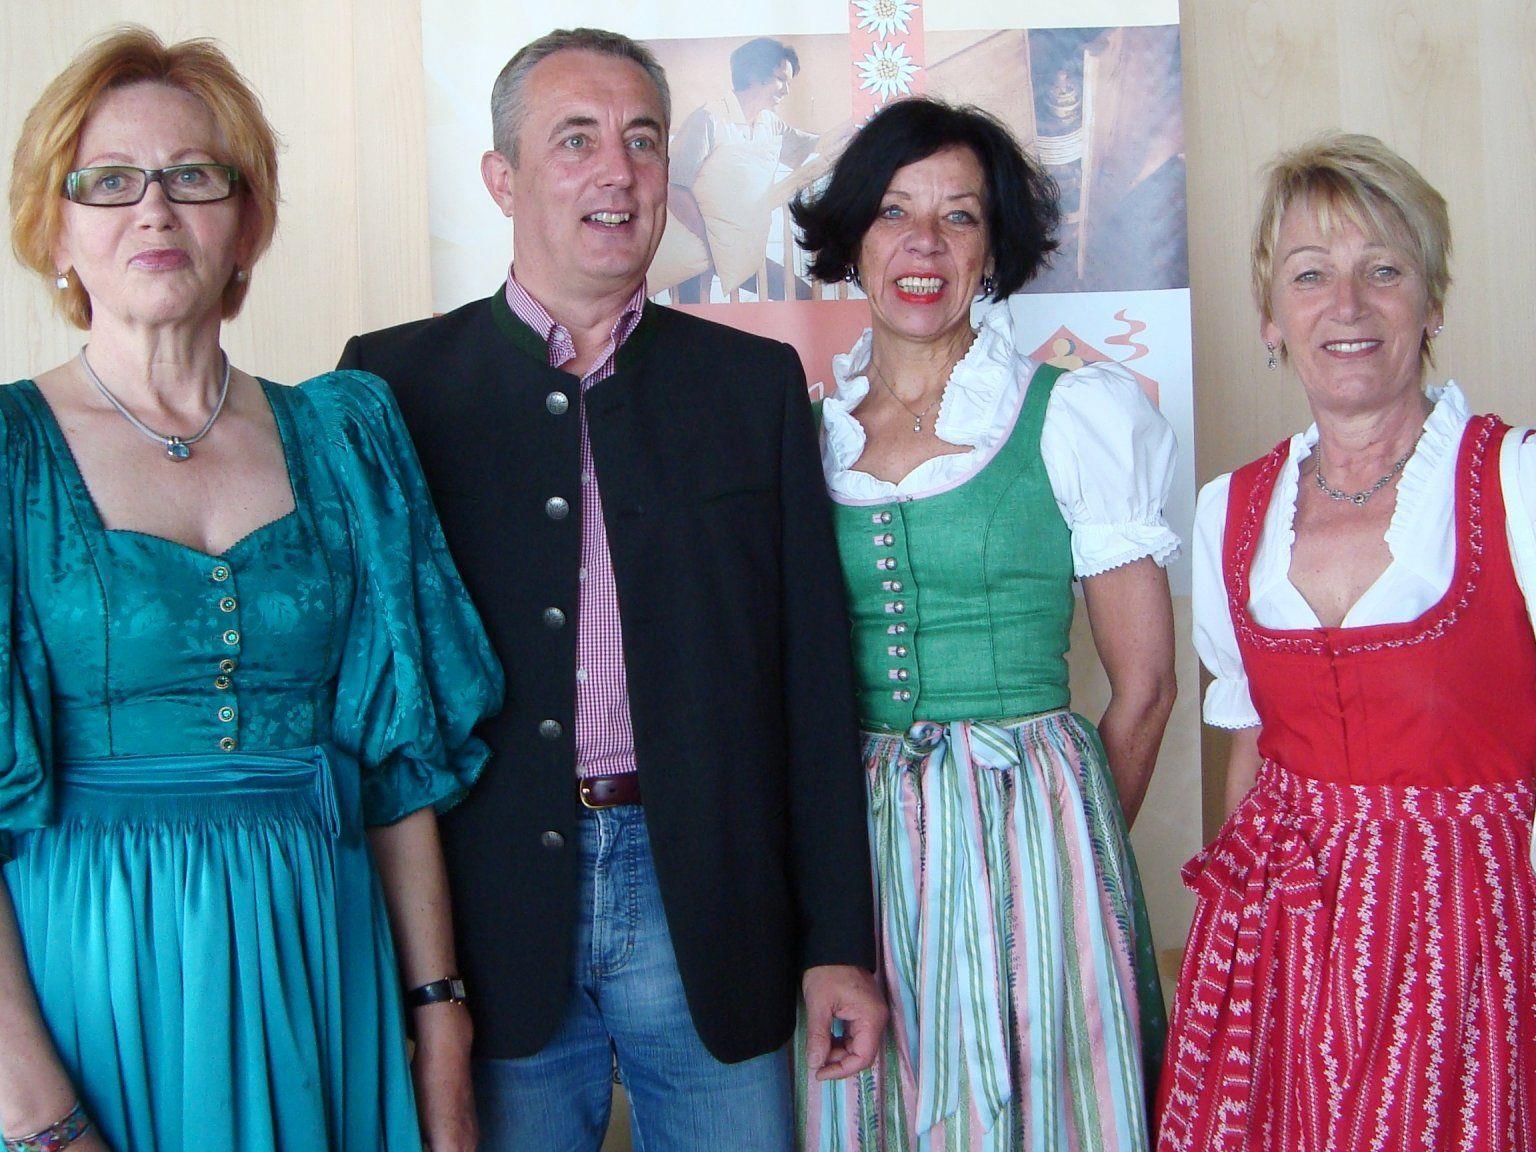 Isabella Bischofberger, Thomas Schanzer, Anna Troy und Margreth Rüf